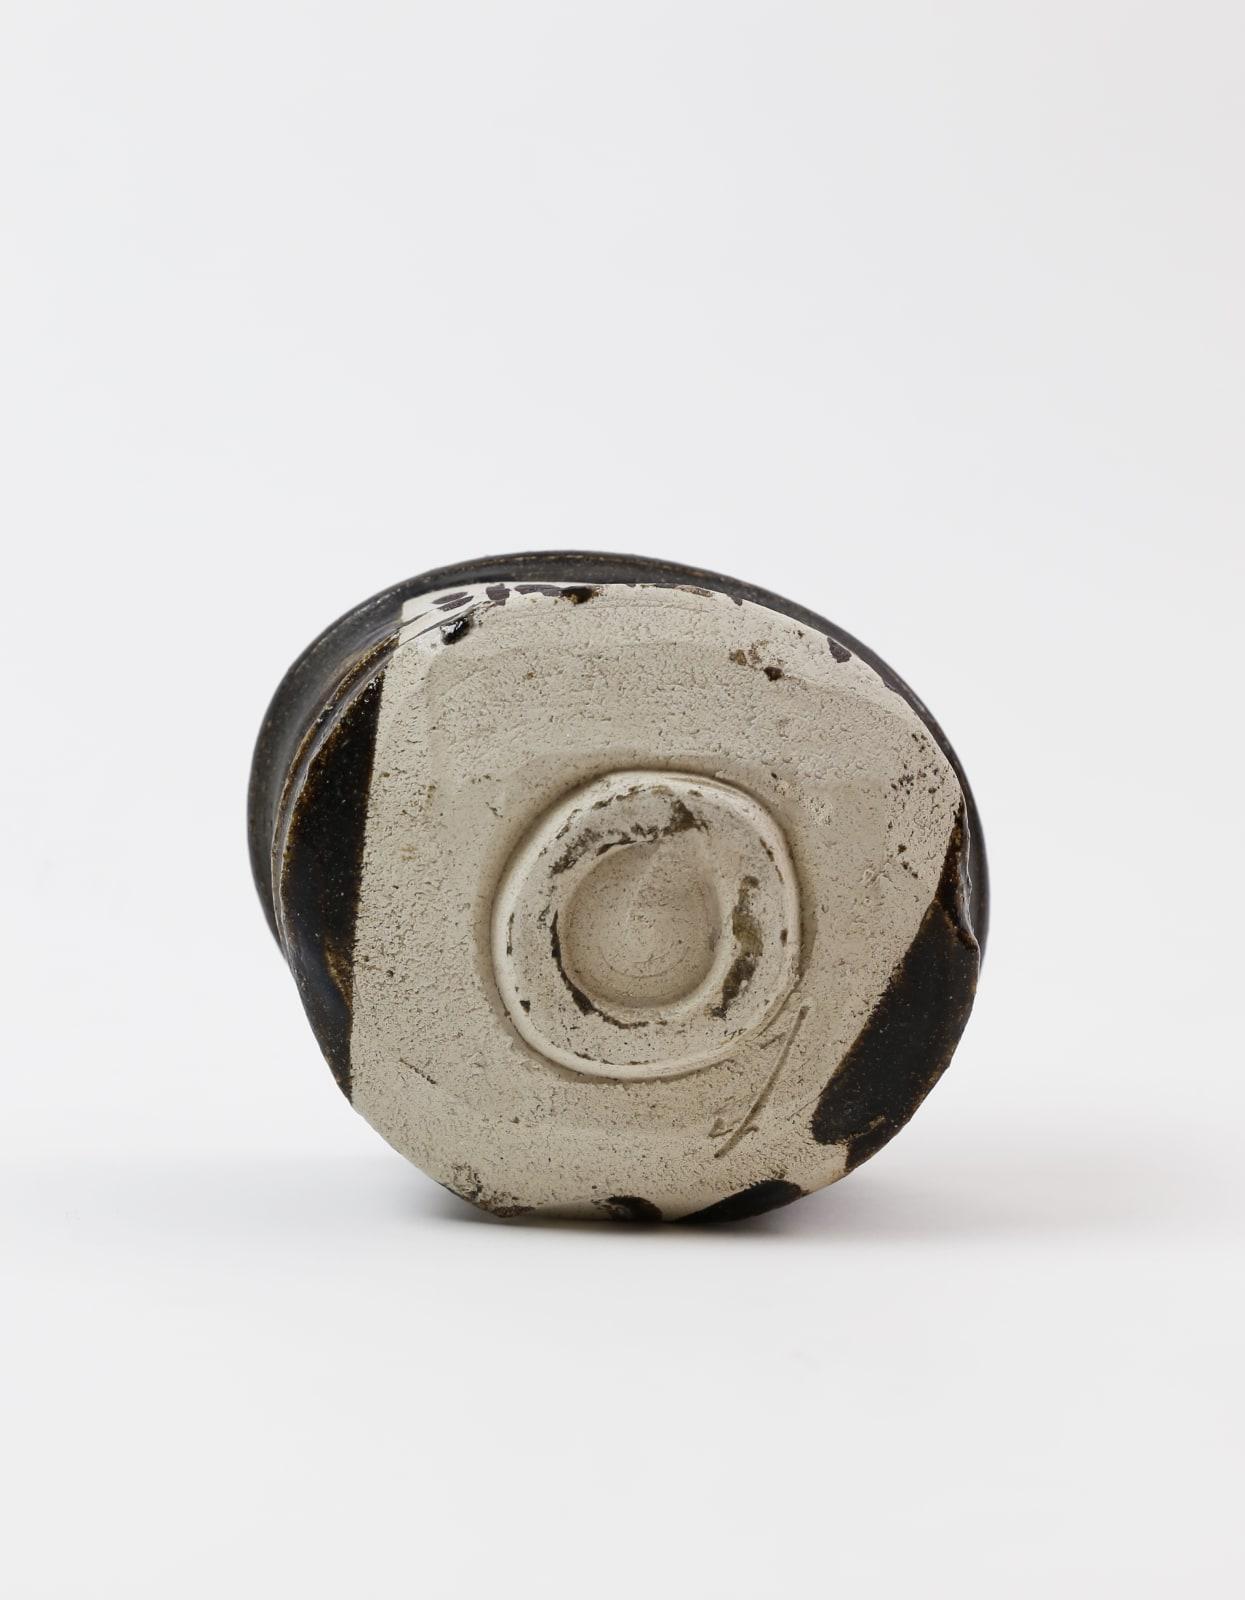 Tea Bowls: Art of Five Senses